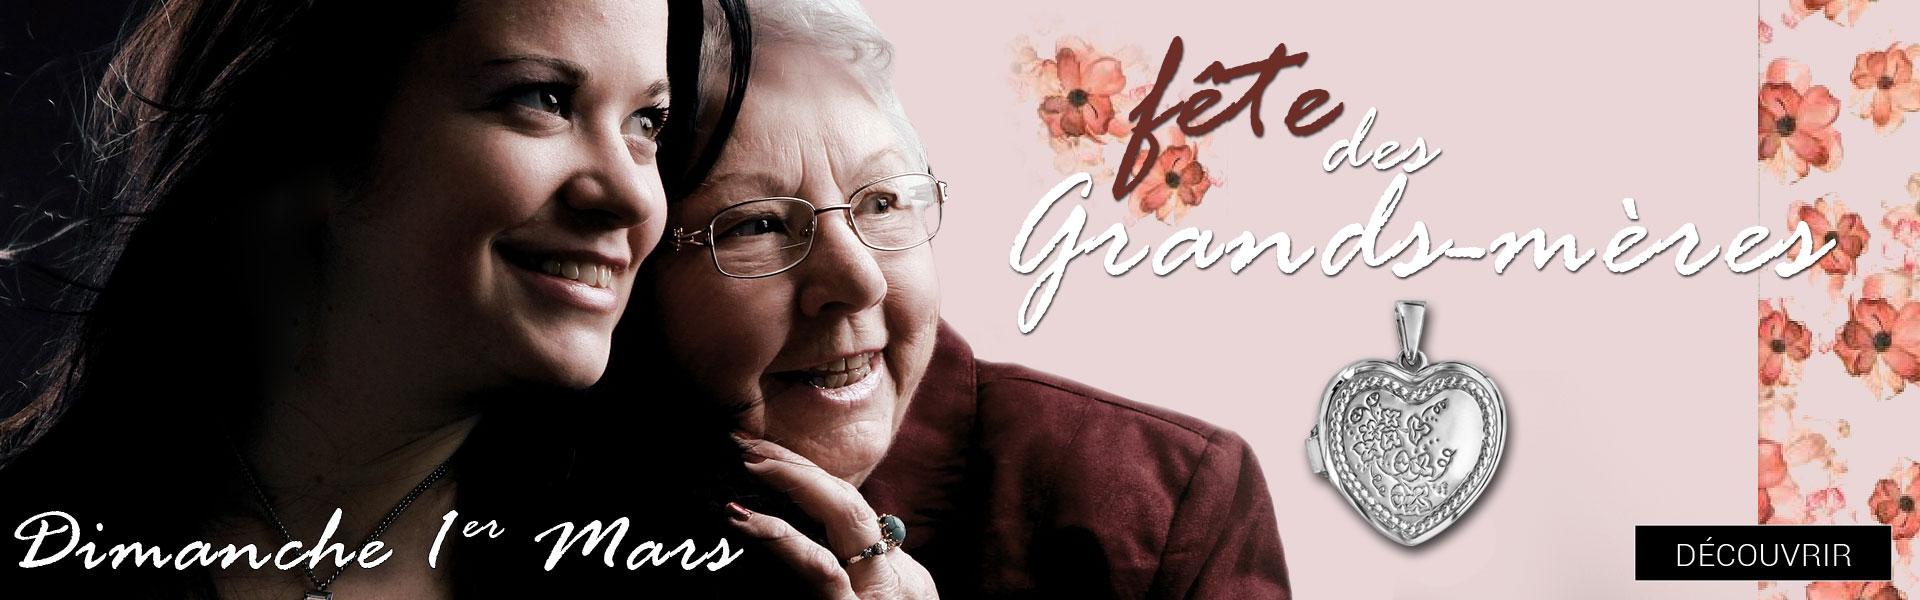 Dimanche 1er mars 2020, c\'est la fête des Grands-Mères